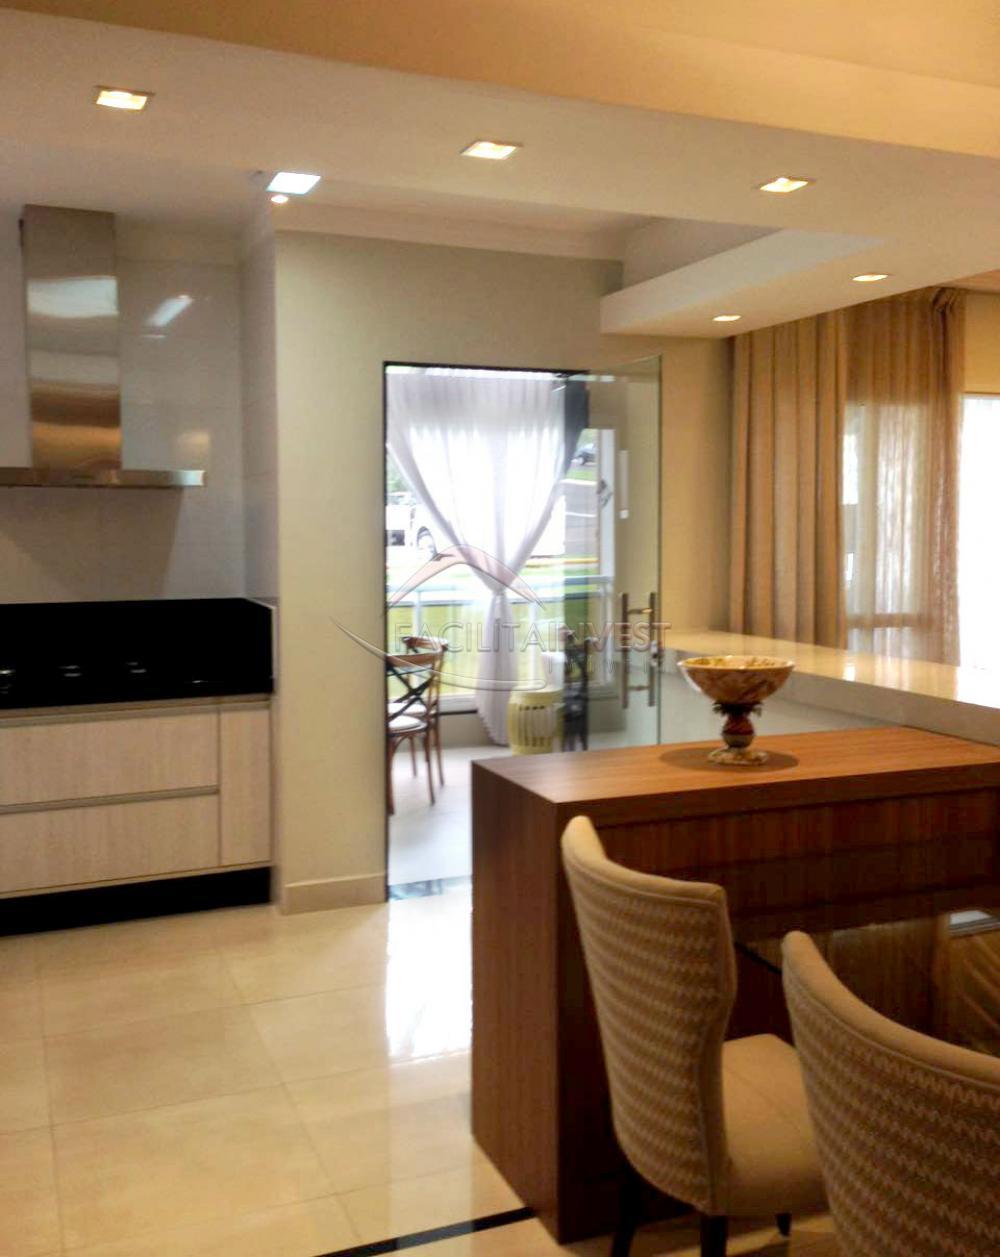 Comprar Lançamentos/ Empreendimentos em Construç / Apartamento padrão - Lançamento em Ribeirão Preto apenas R$ 950.567,00 - Foto 2